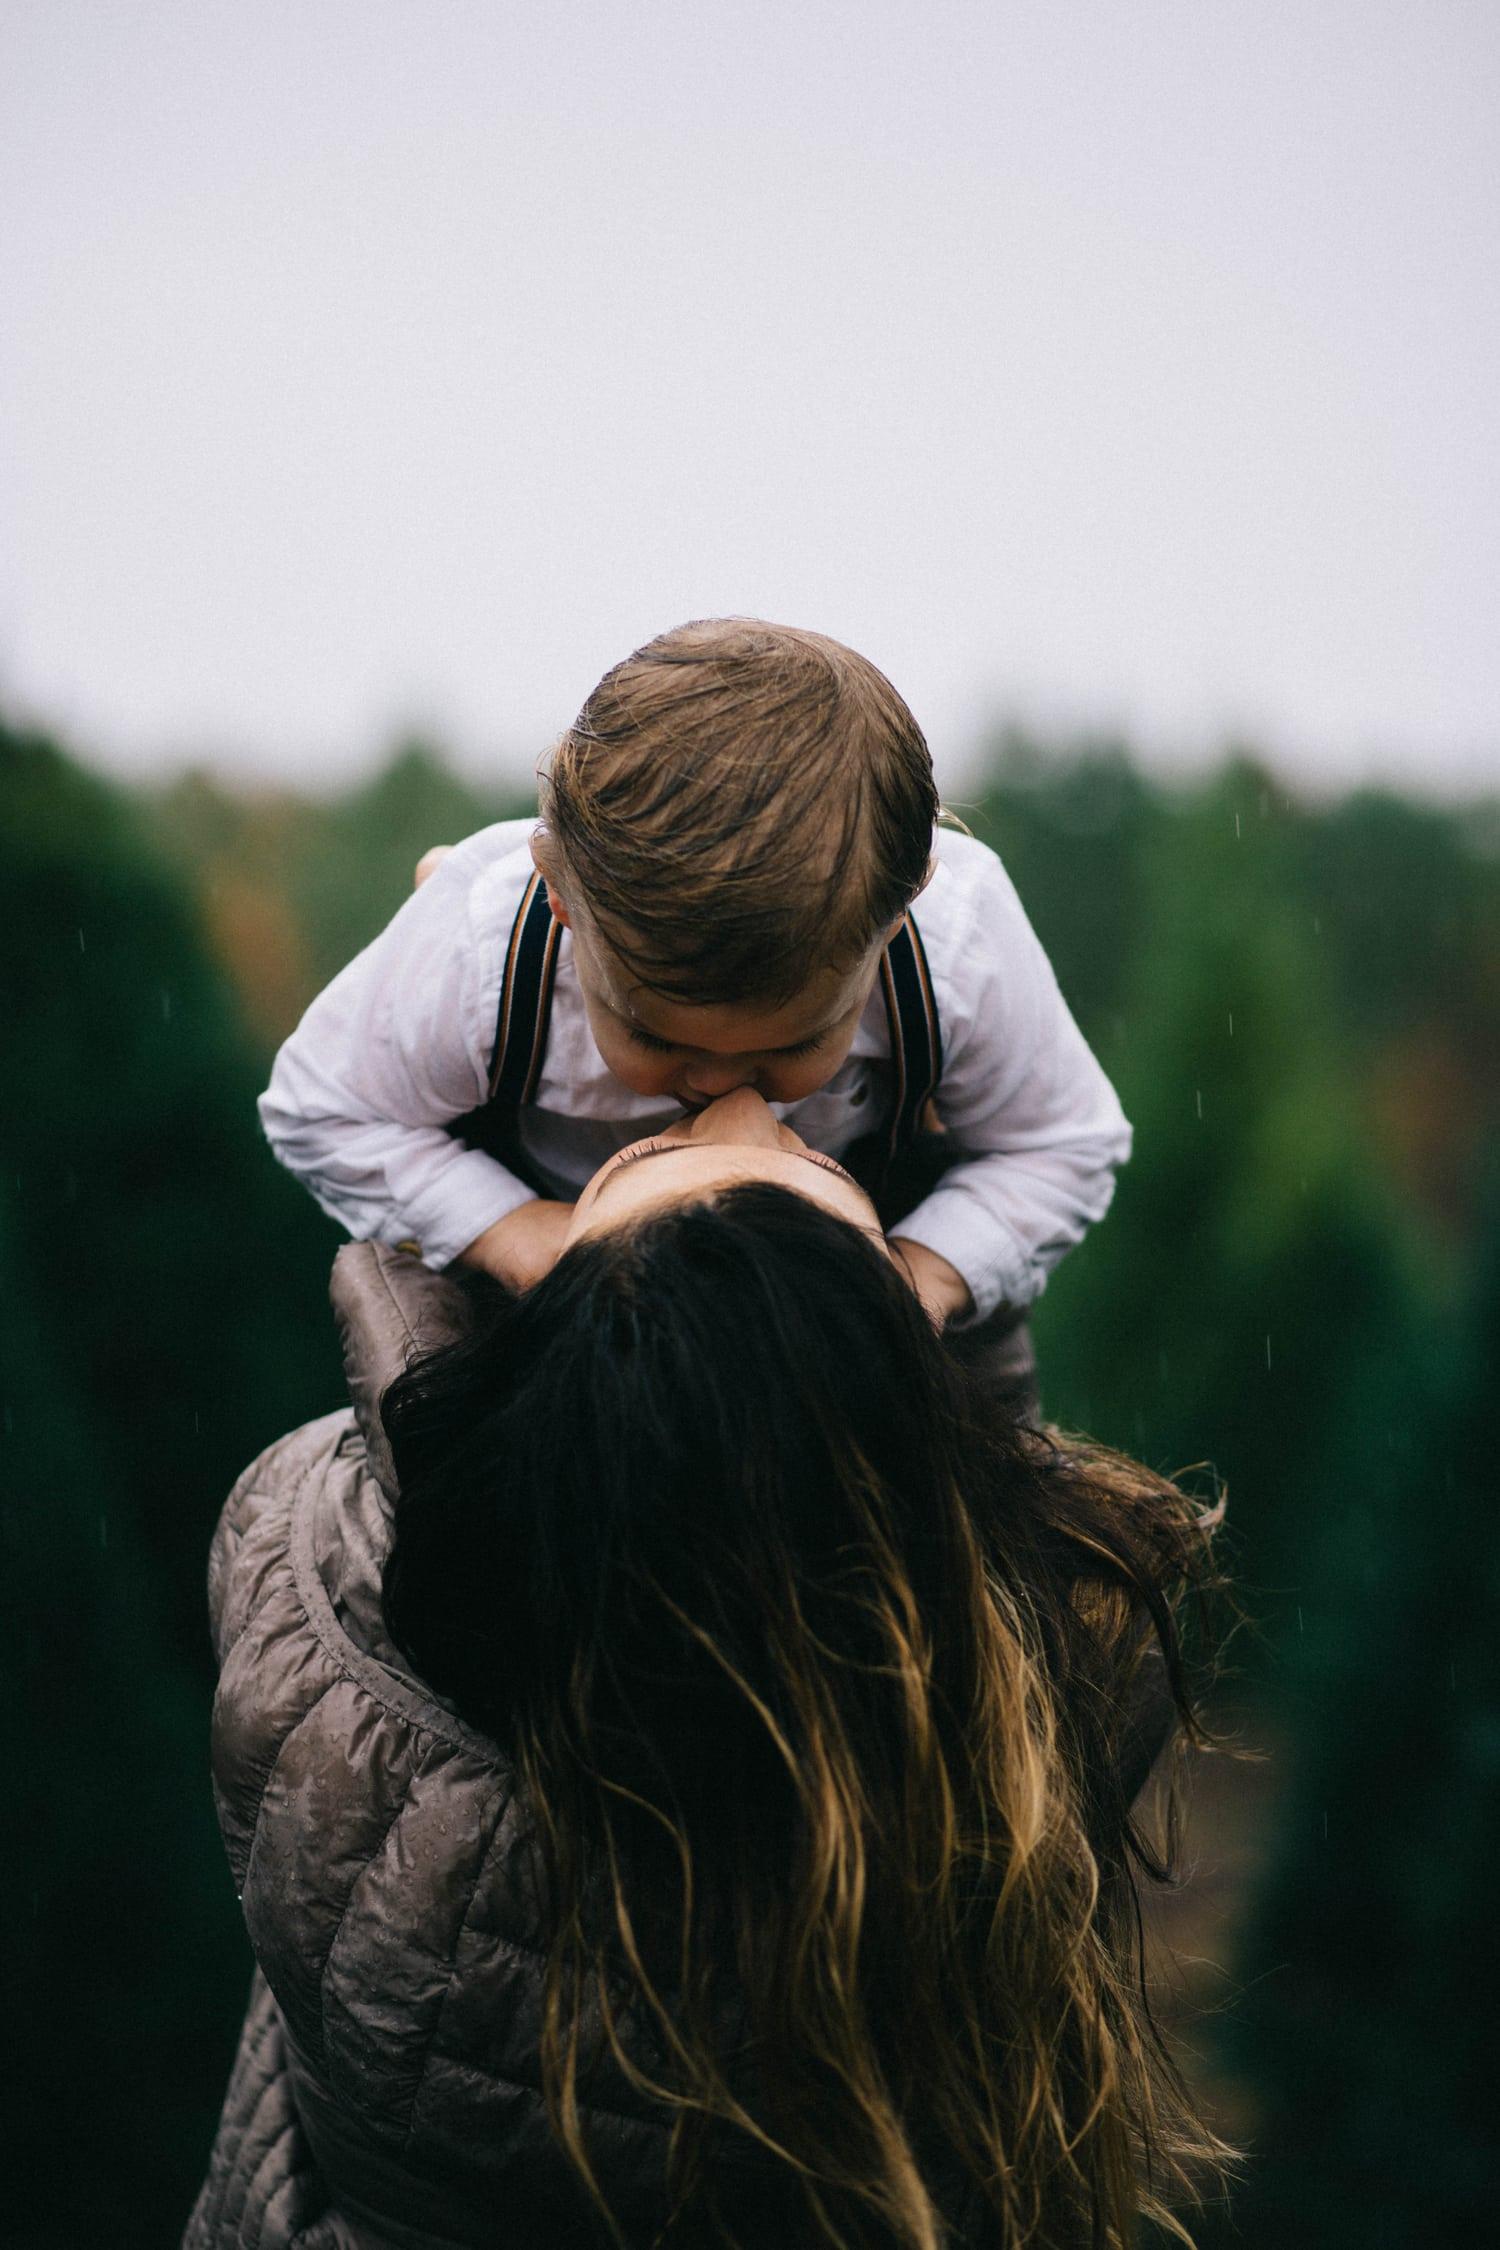 fotografía de una madre besando a su hijo